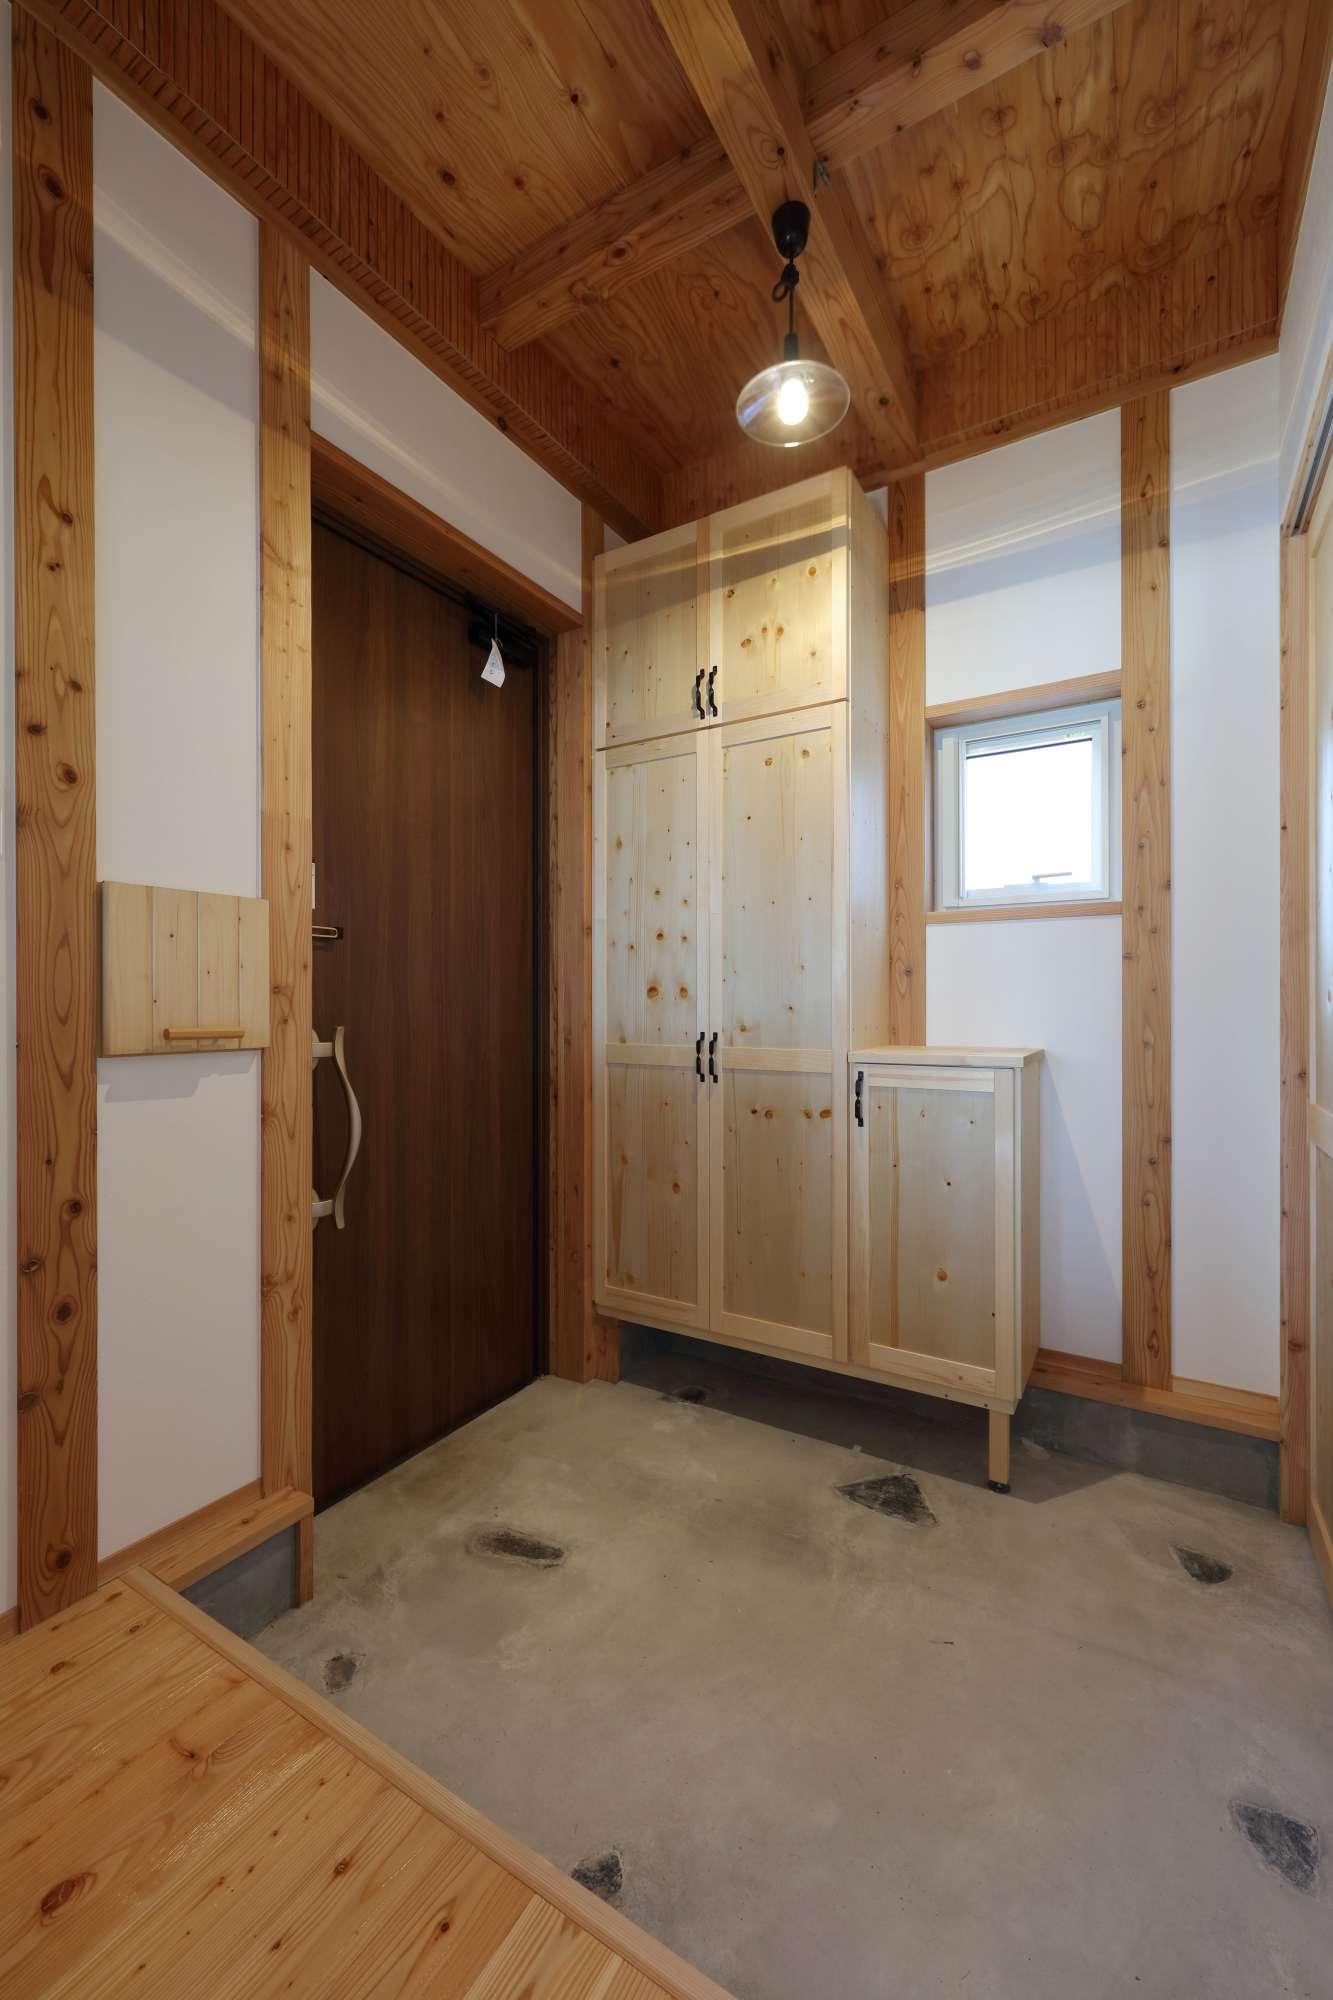 天然石を埋め込んだ玄関には造作下駄箱を設置 -  -  -